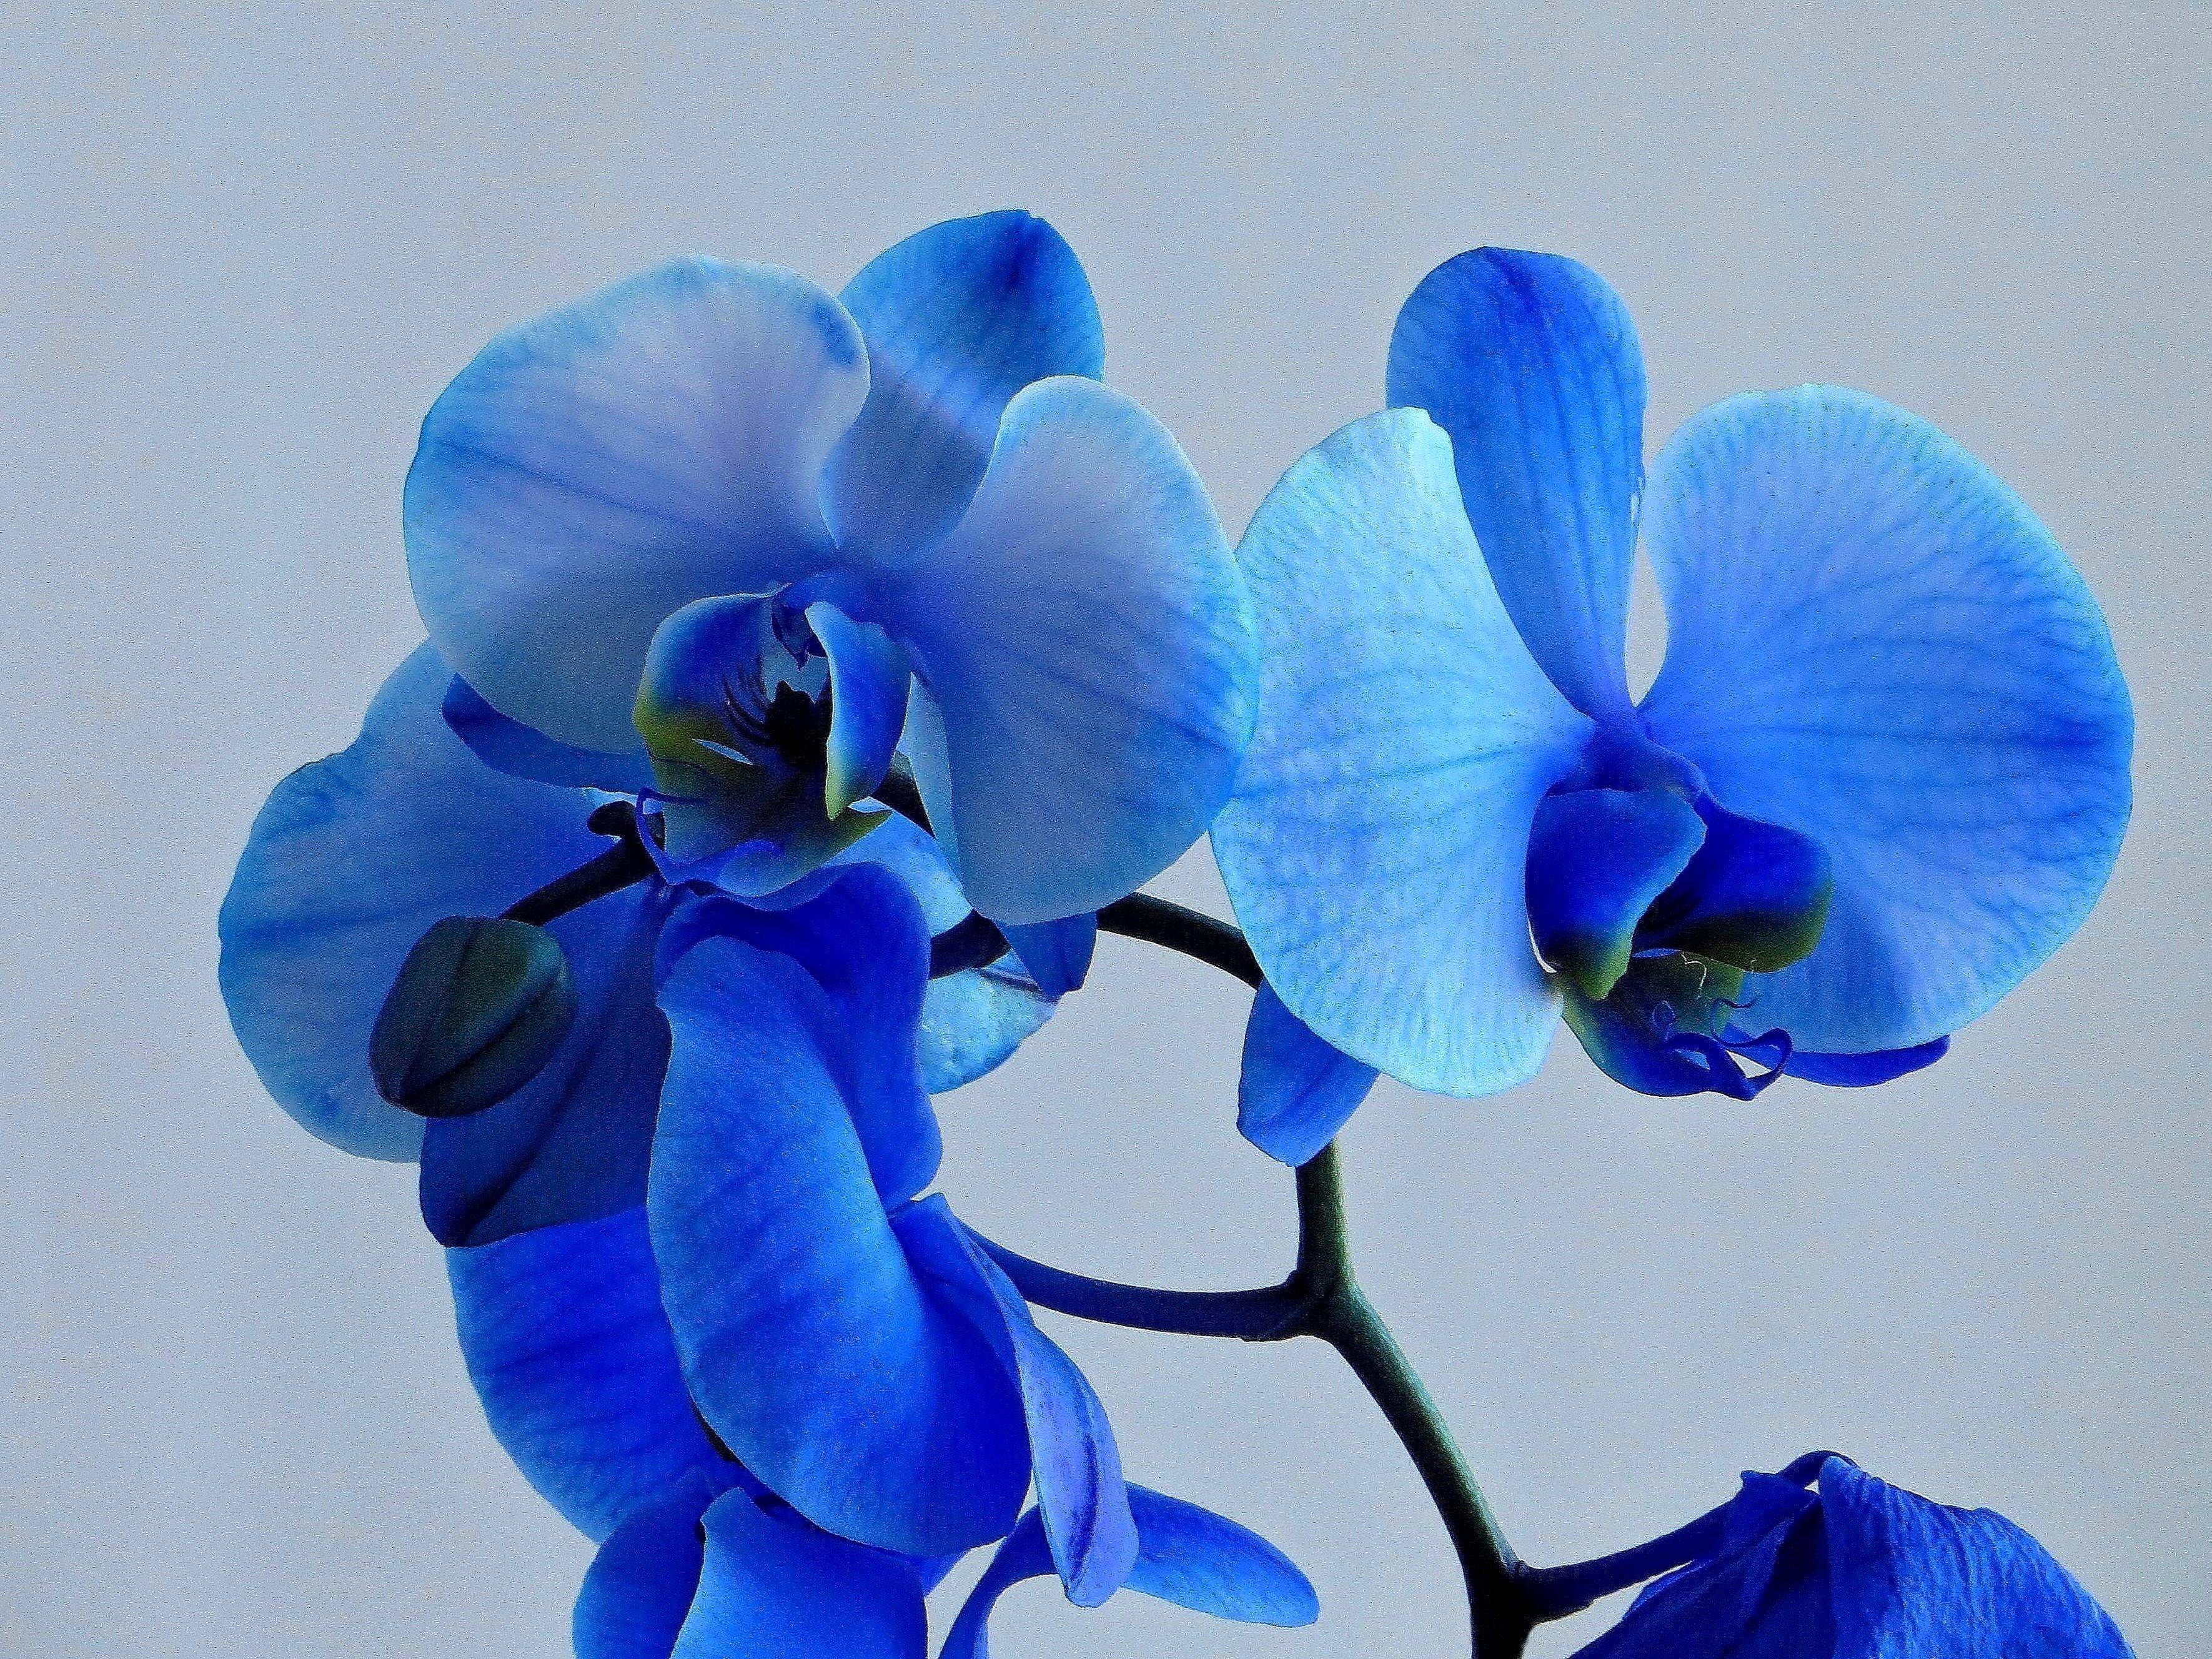 потому, что голубая орхидея фото цветок варианты автомобилей как